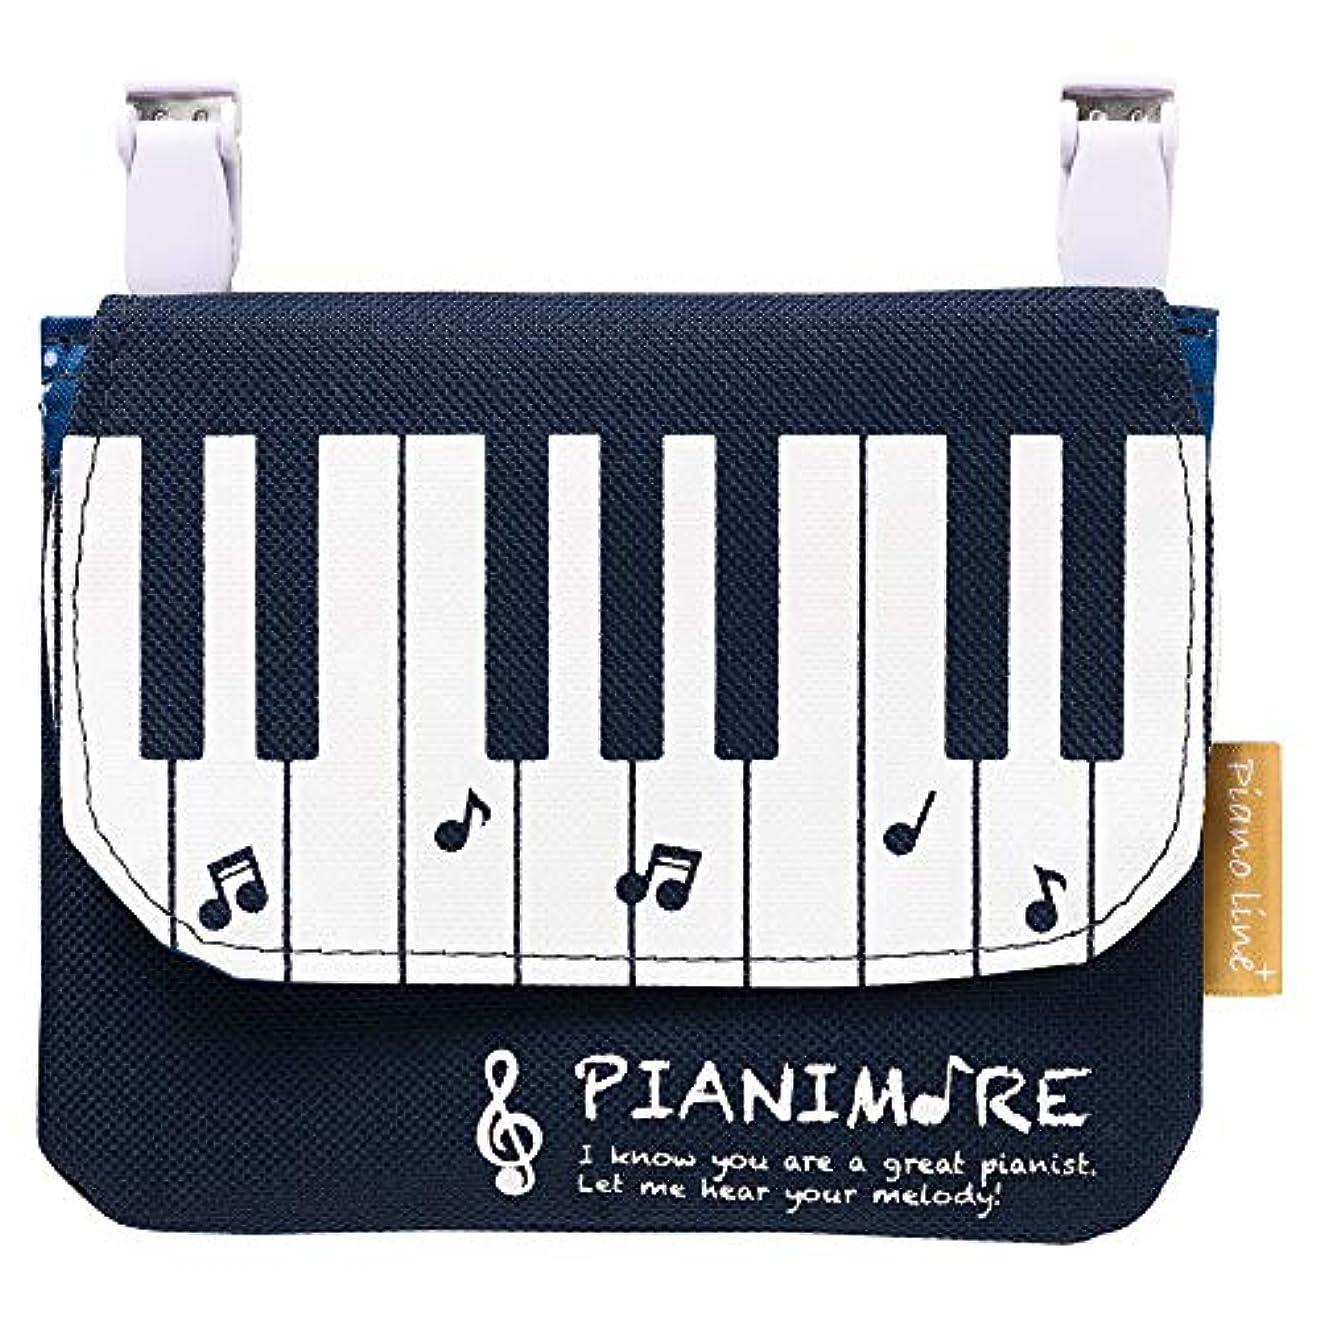 移植フリンジオーナーPianimore ポケットポーチ 鍵盤柄 移動ポケット ティッシュ入れ付き 女の子用